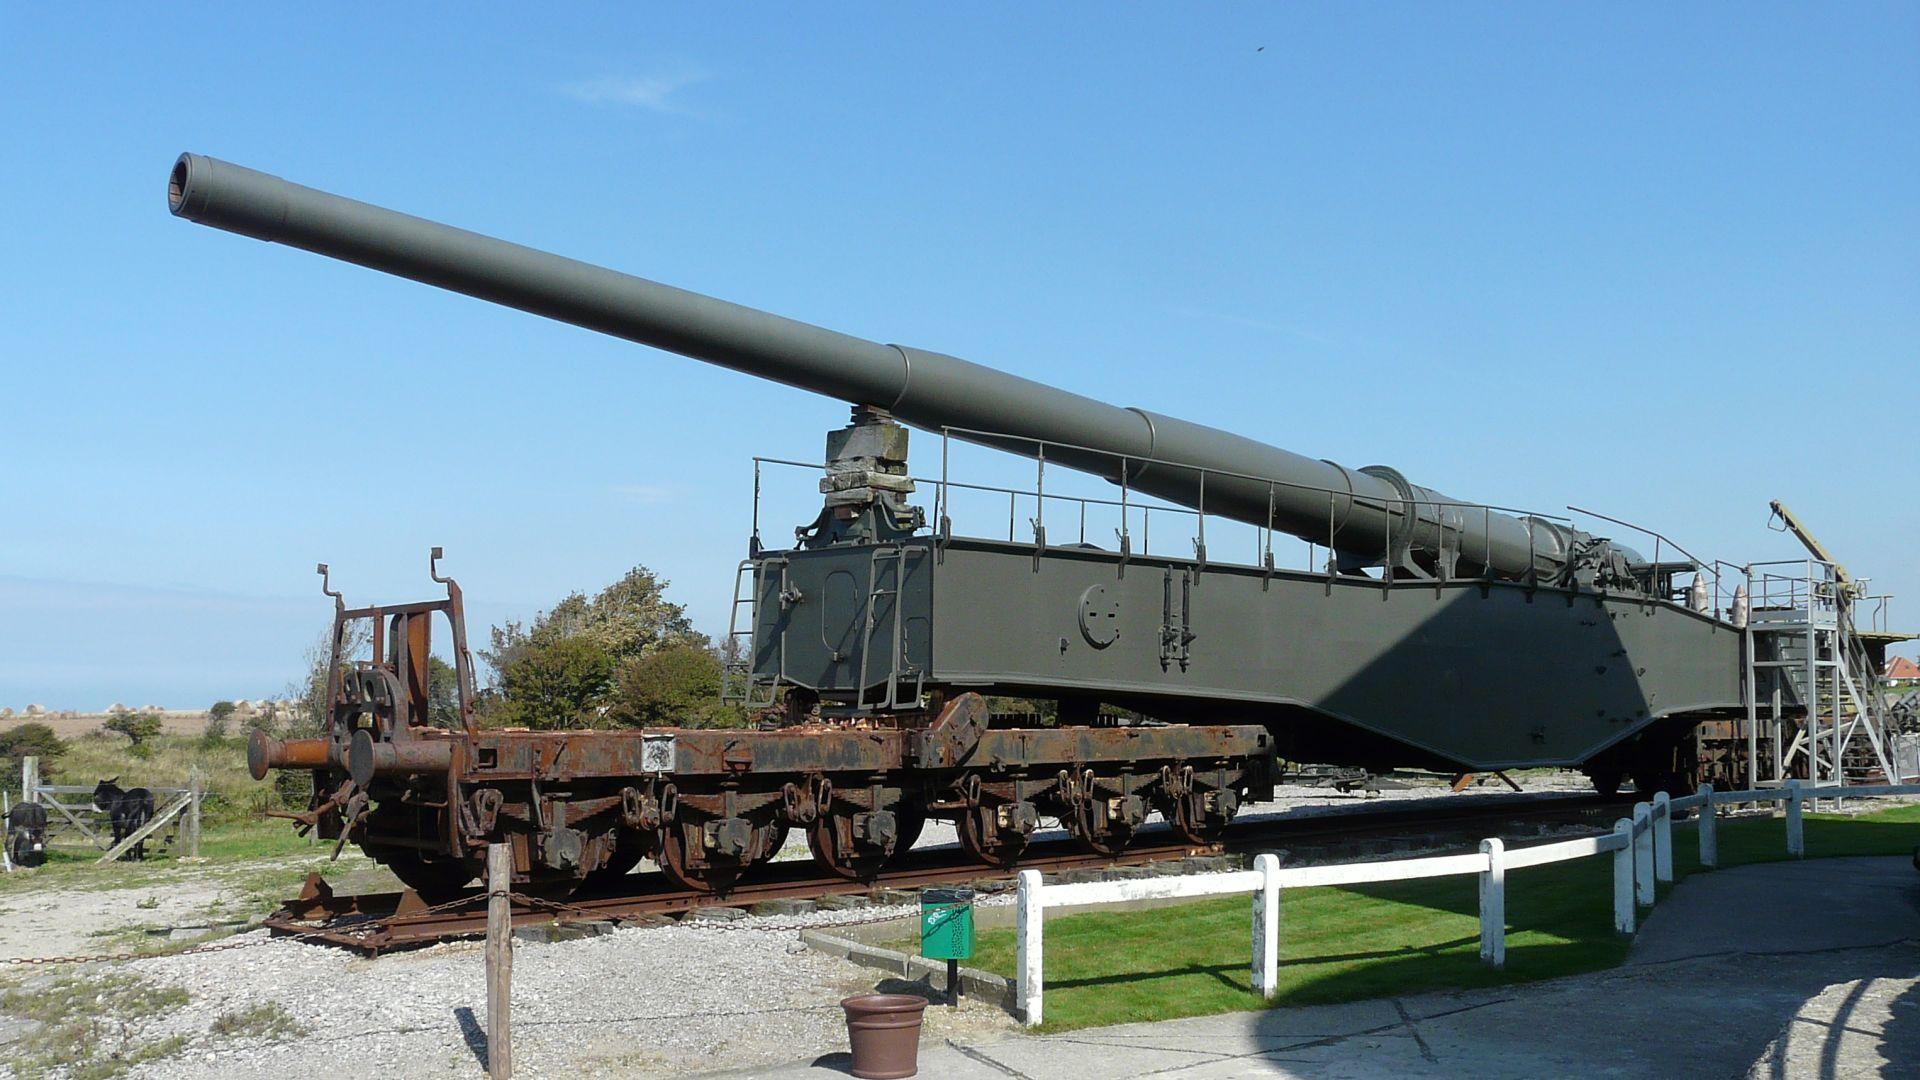 Batterie Todt Museum railway gun K5.